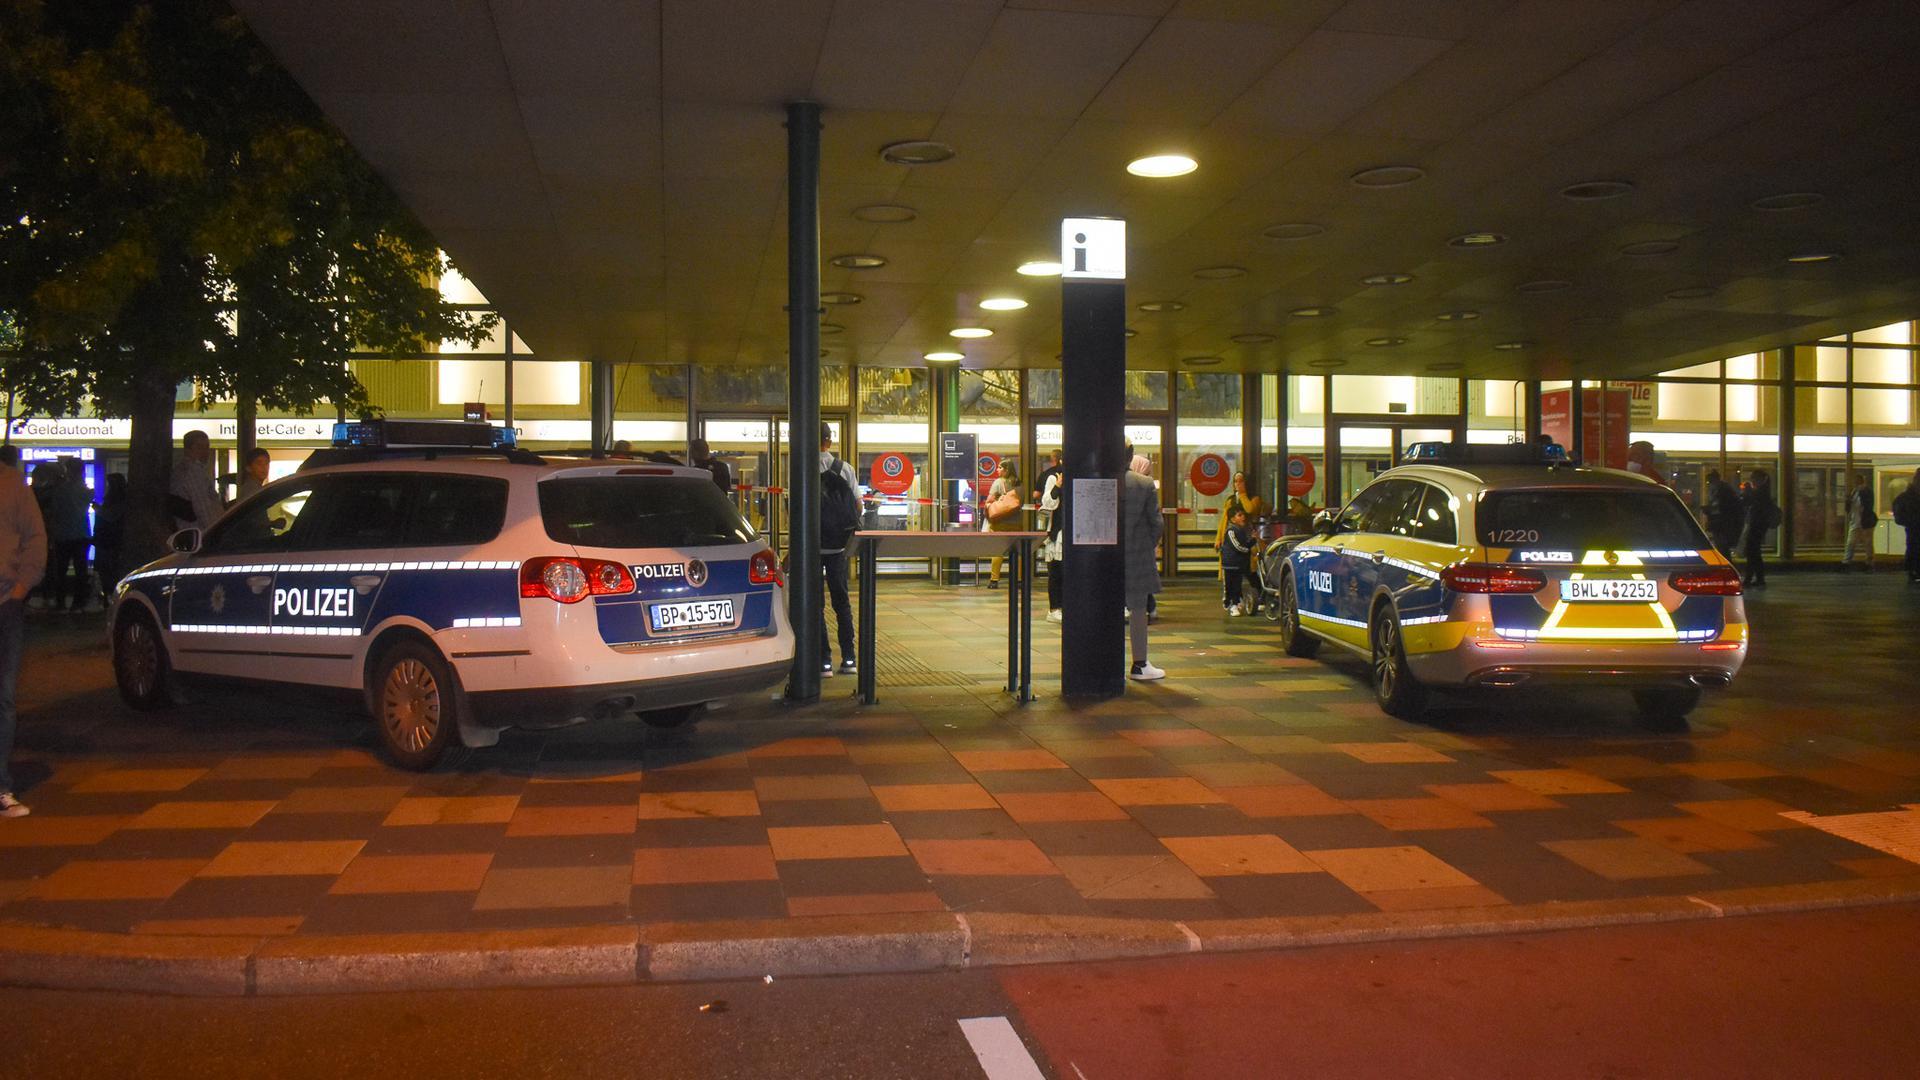 Vor dem Hauptbahnhof in Pforzheim stehen Polizeiautos: Wegen einer Bombendrohung mussten am Samstagabend rund 100 Personen den Hauptbahnhof verlassen.